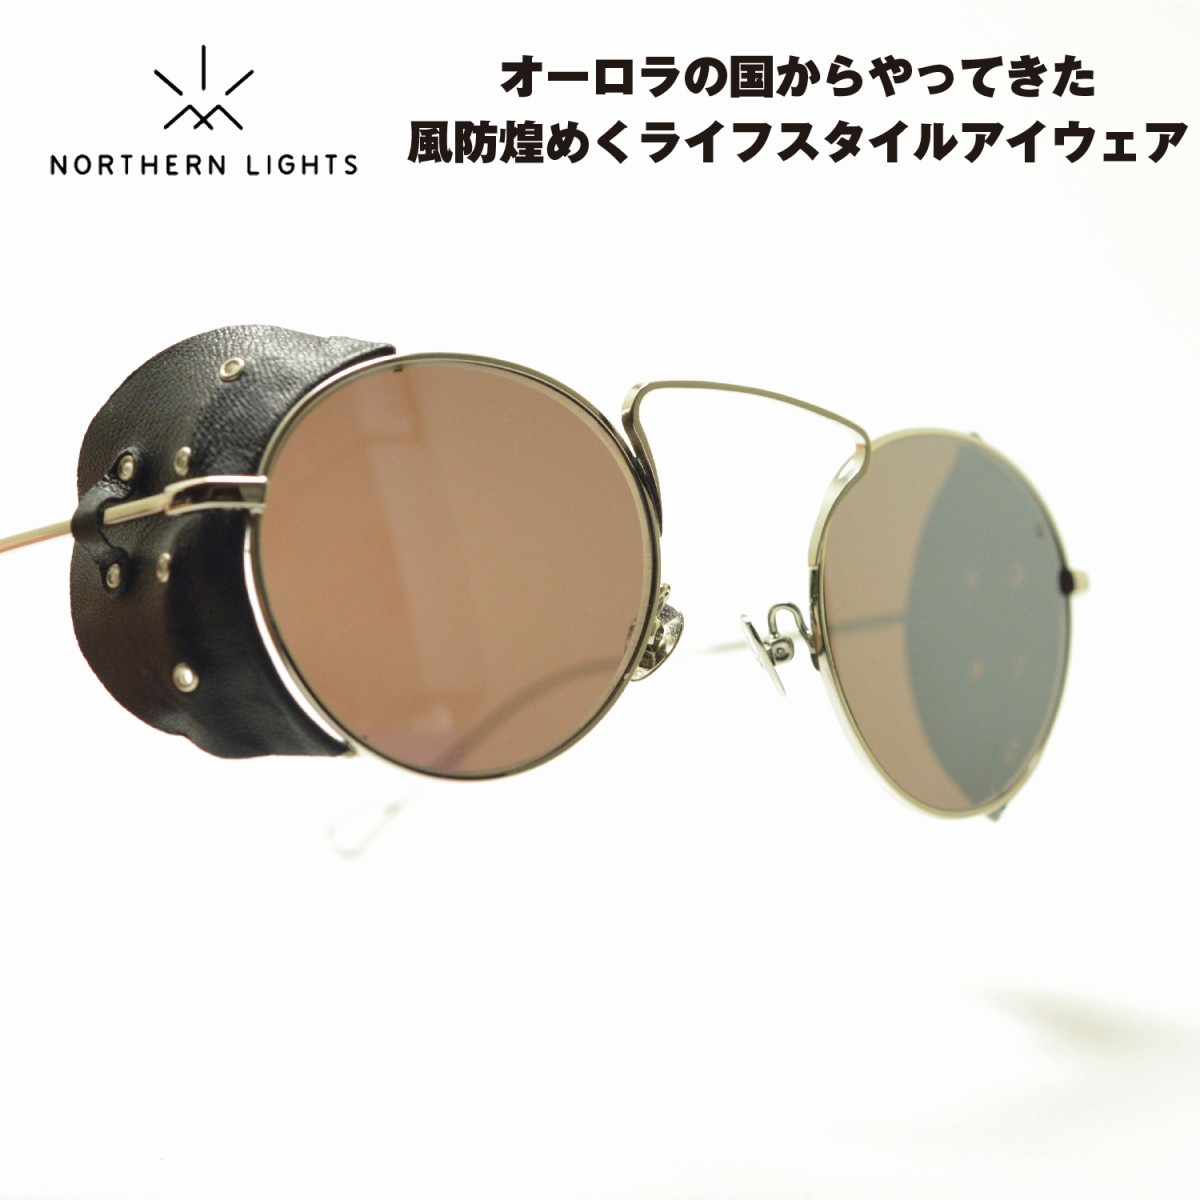 NORTHERN LIGHTS ノーザンライツ NL-18-049 シルバー/オーロラシルバーミラーメガネ 眼鏡 めがね メンズ レディース おしゃれ ブランド 人気 おすすめ フレーム 流行り 度付き レンズ サングラス